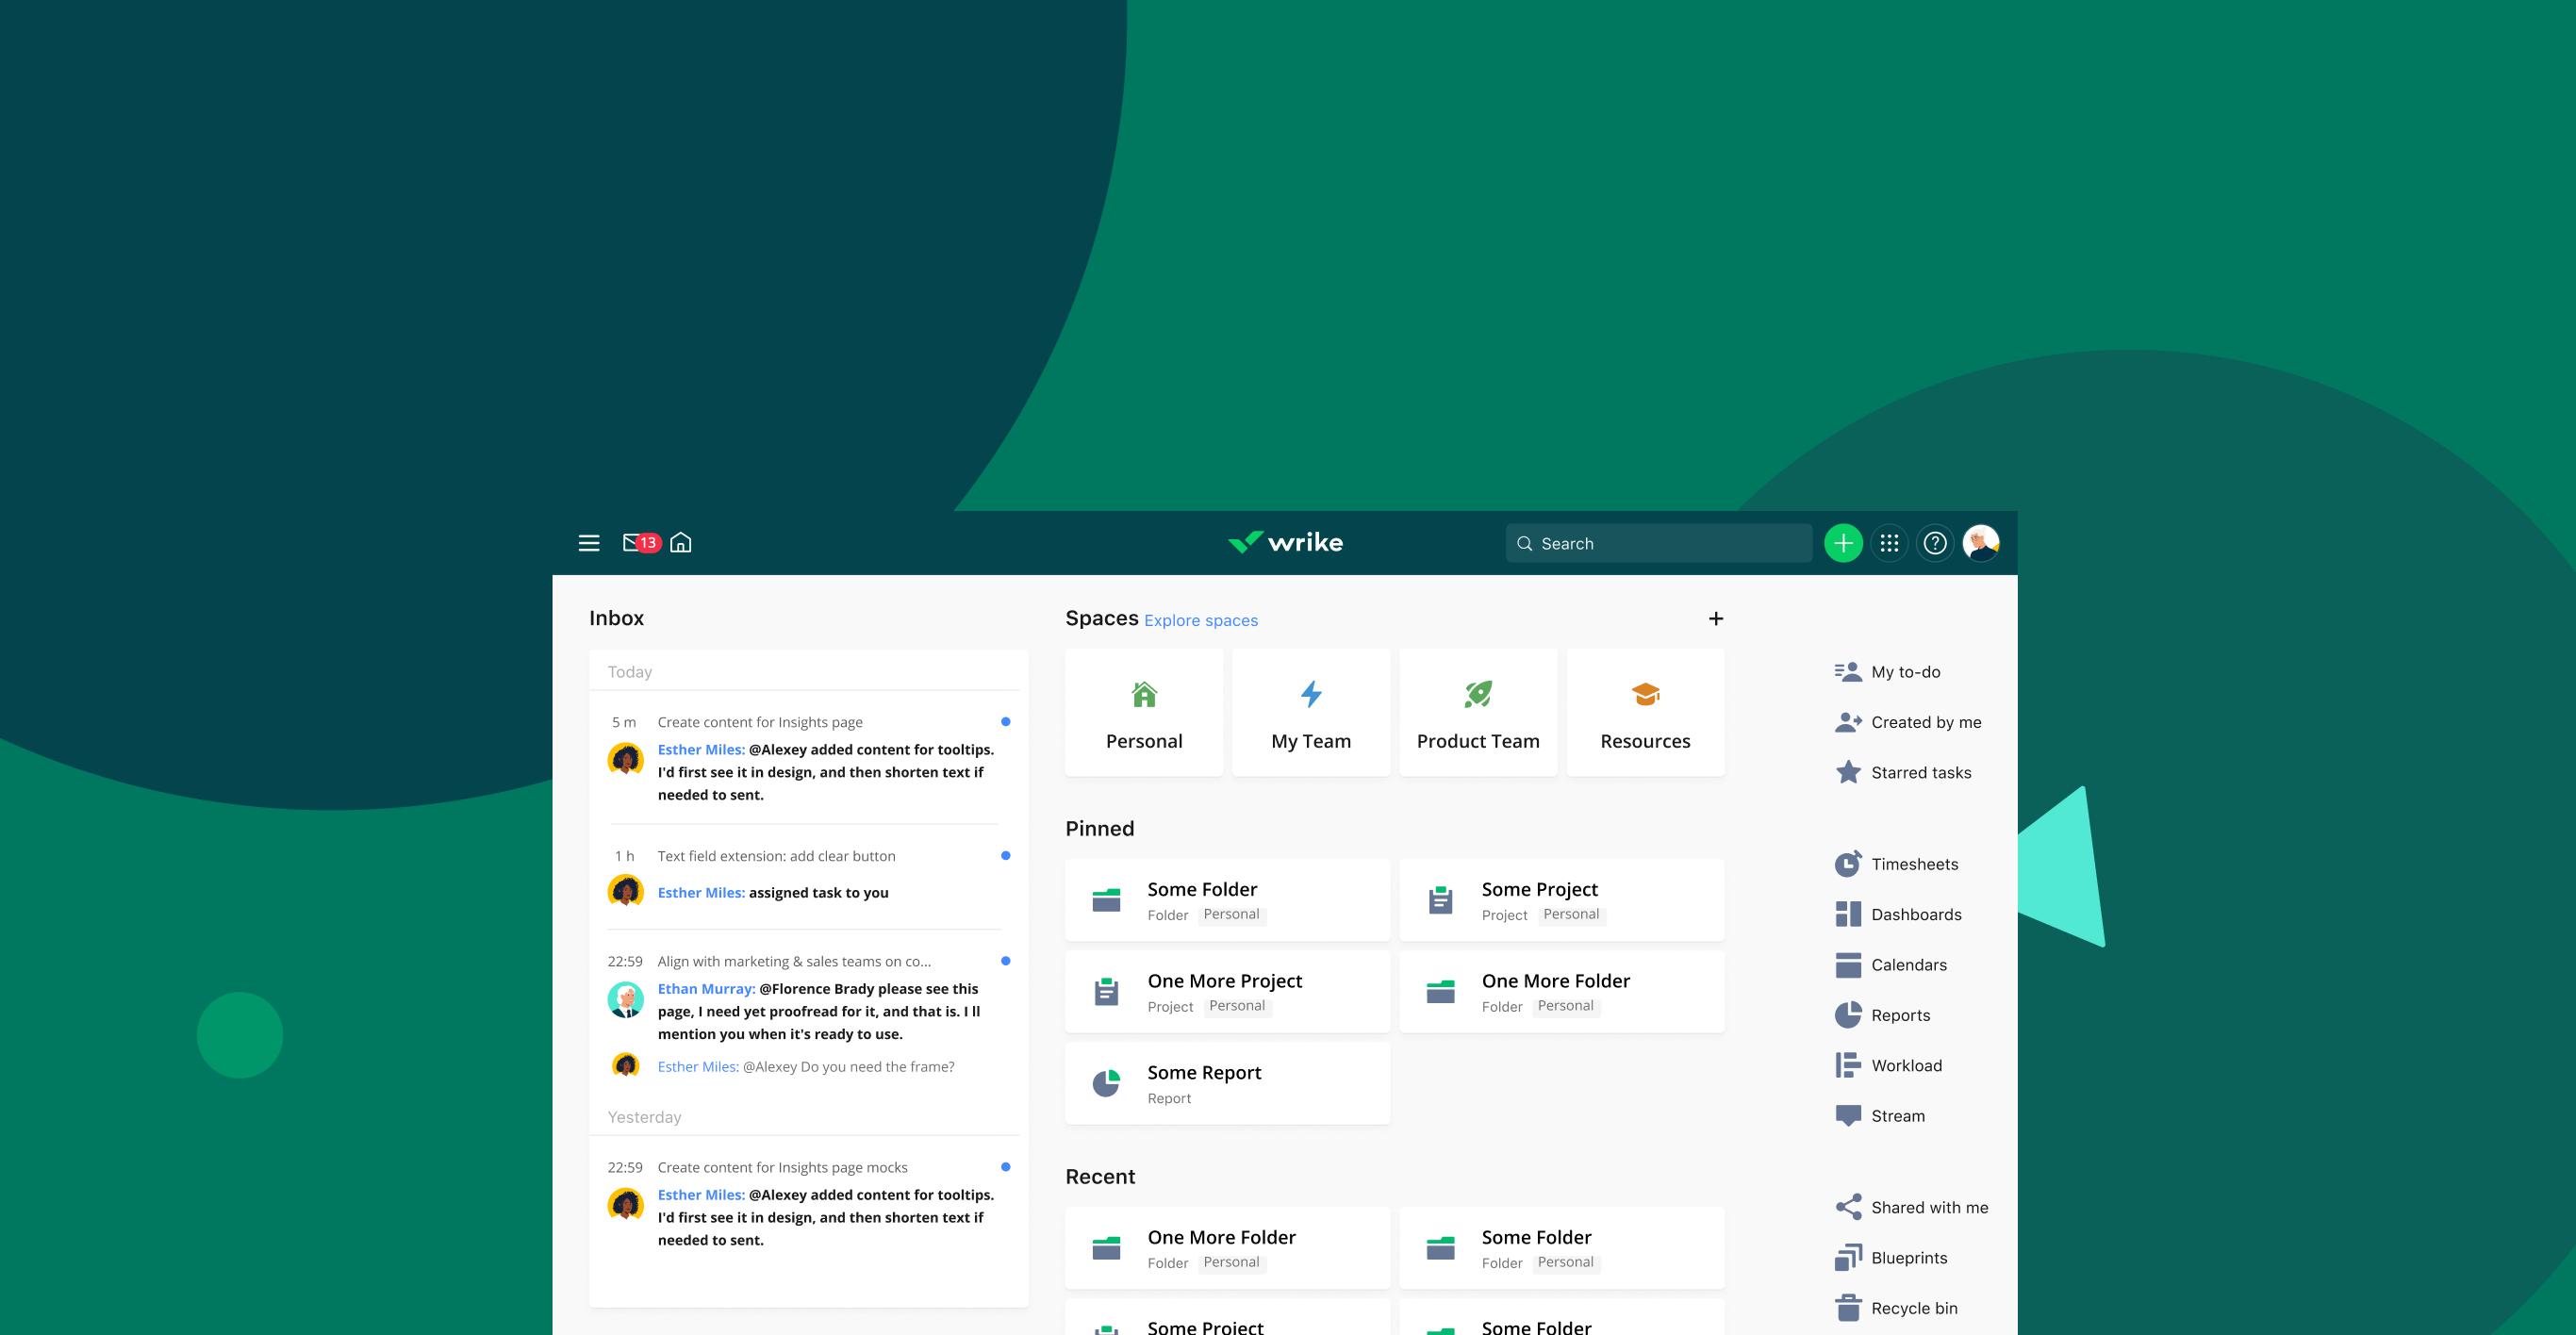 Avaliação Wrike: Software de gerenciamento de projetos confiável - Appvizer